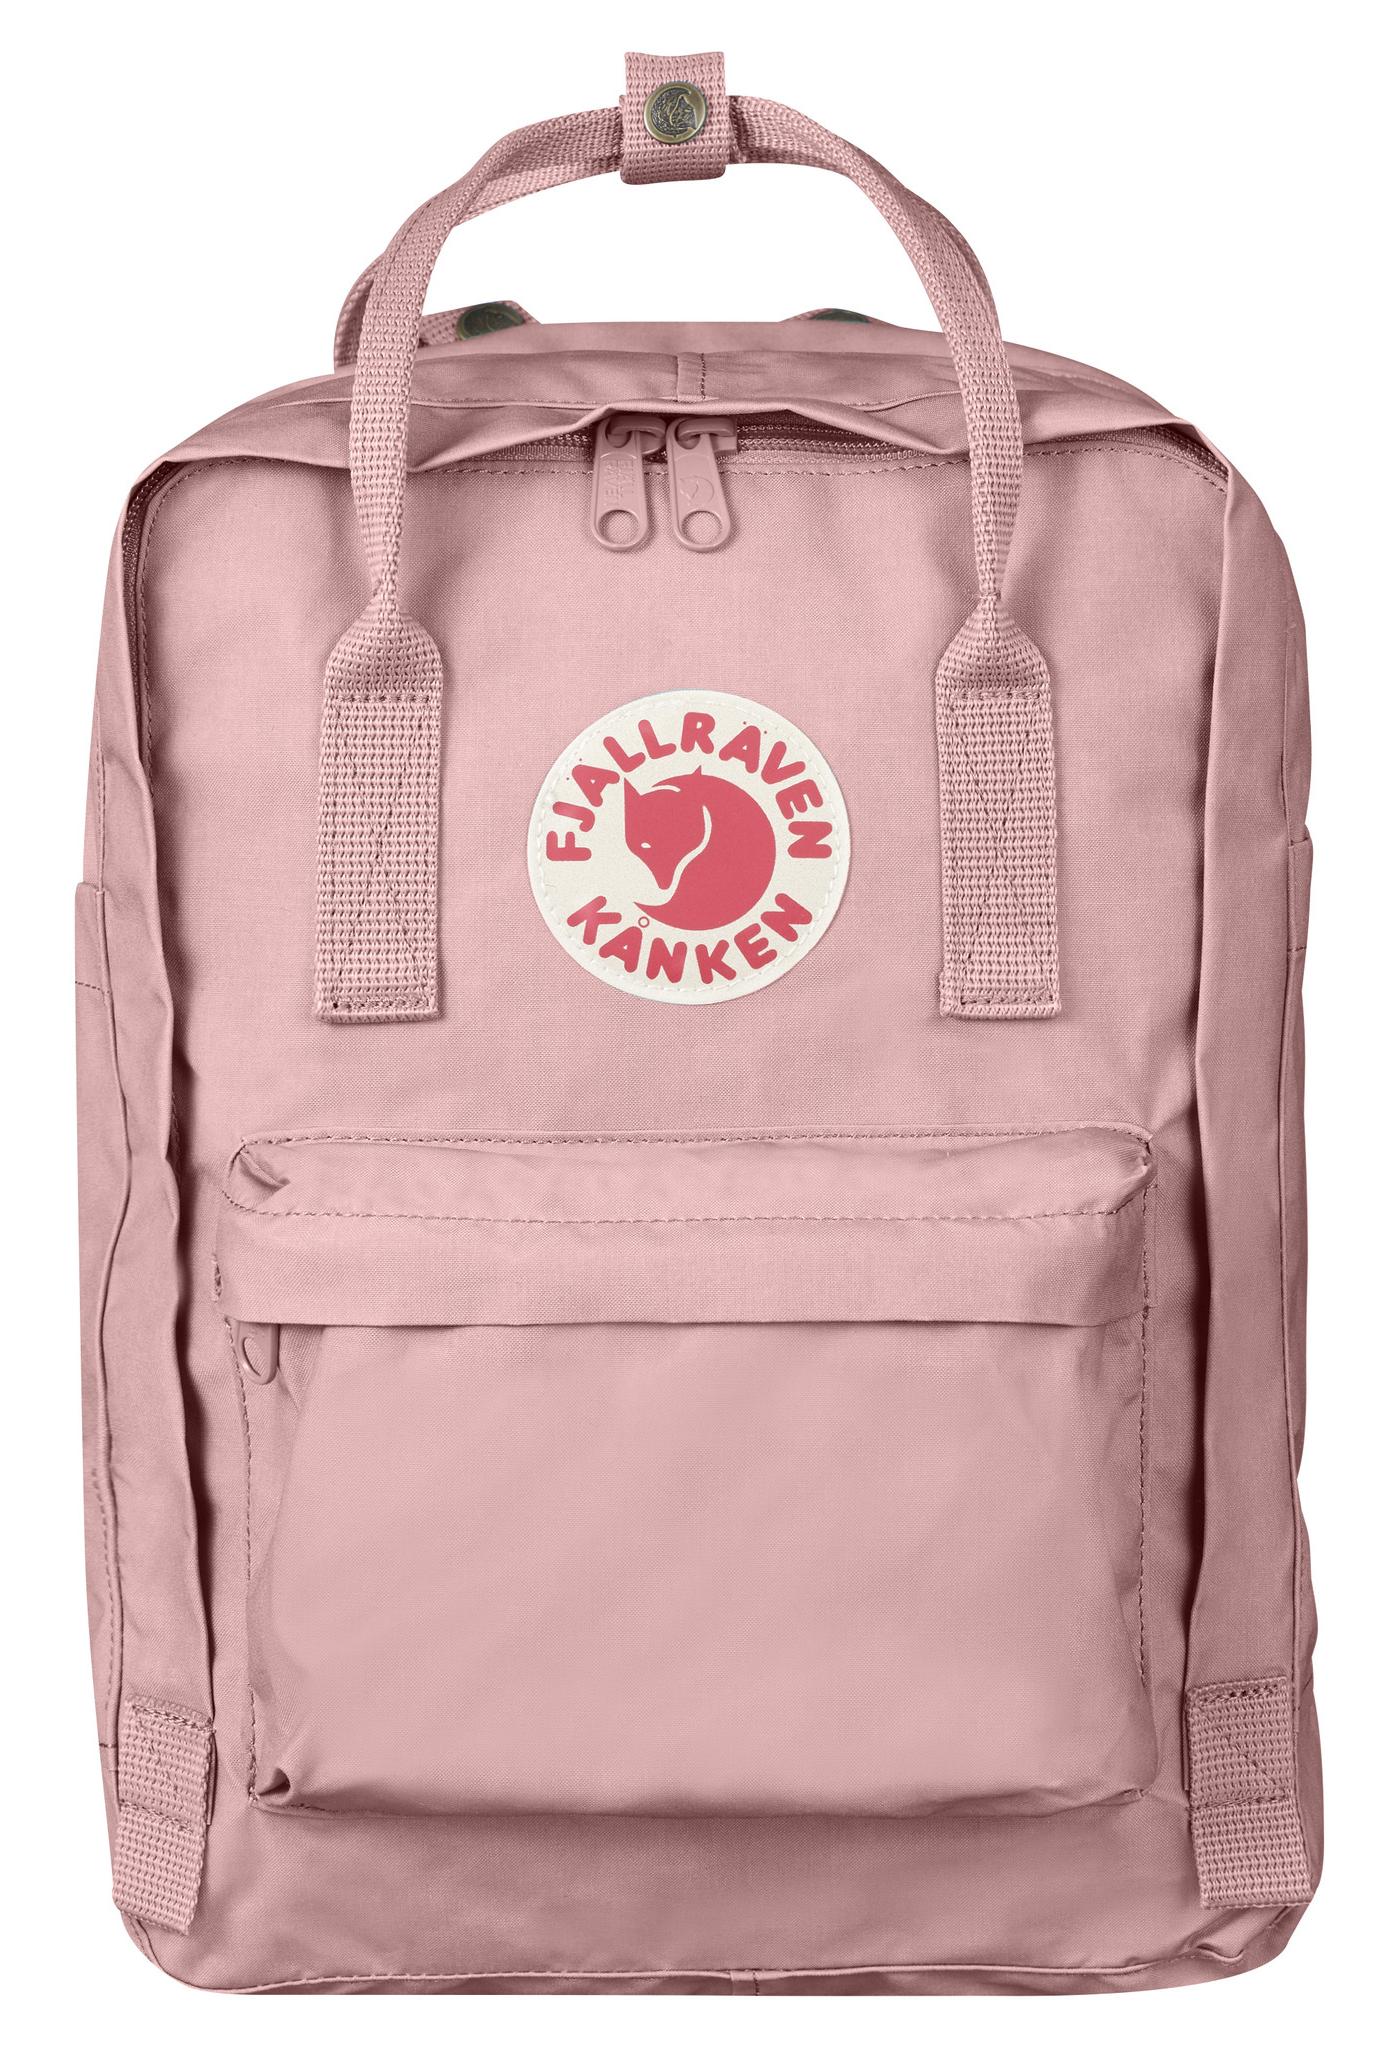 The Kanken Laptop 13 Is A 13 Laptop Backpack Backpack Fjallraven Pink Backpack Fjallraven Rucksack